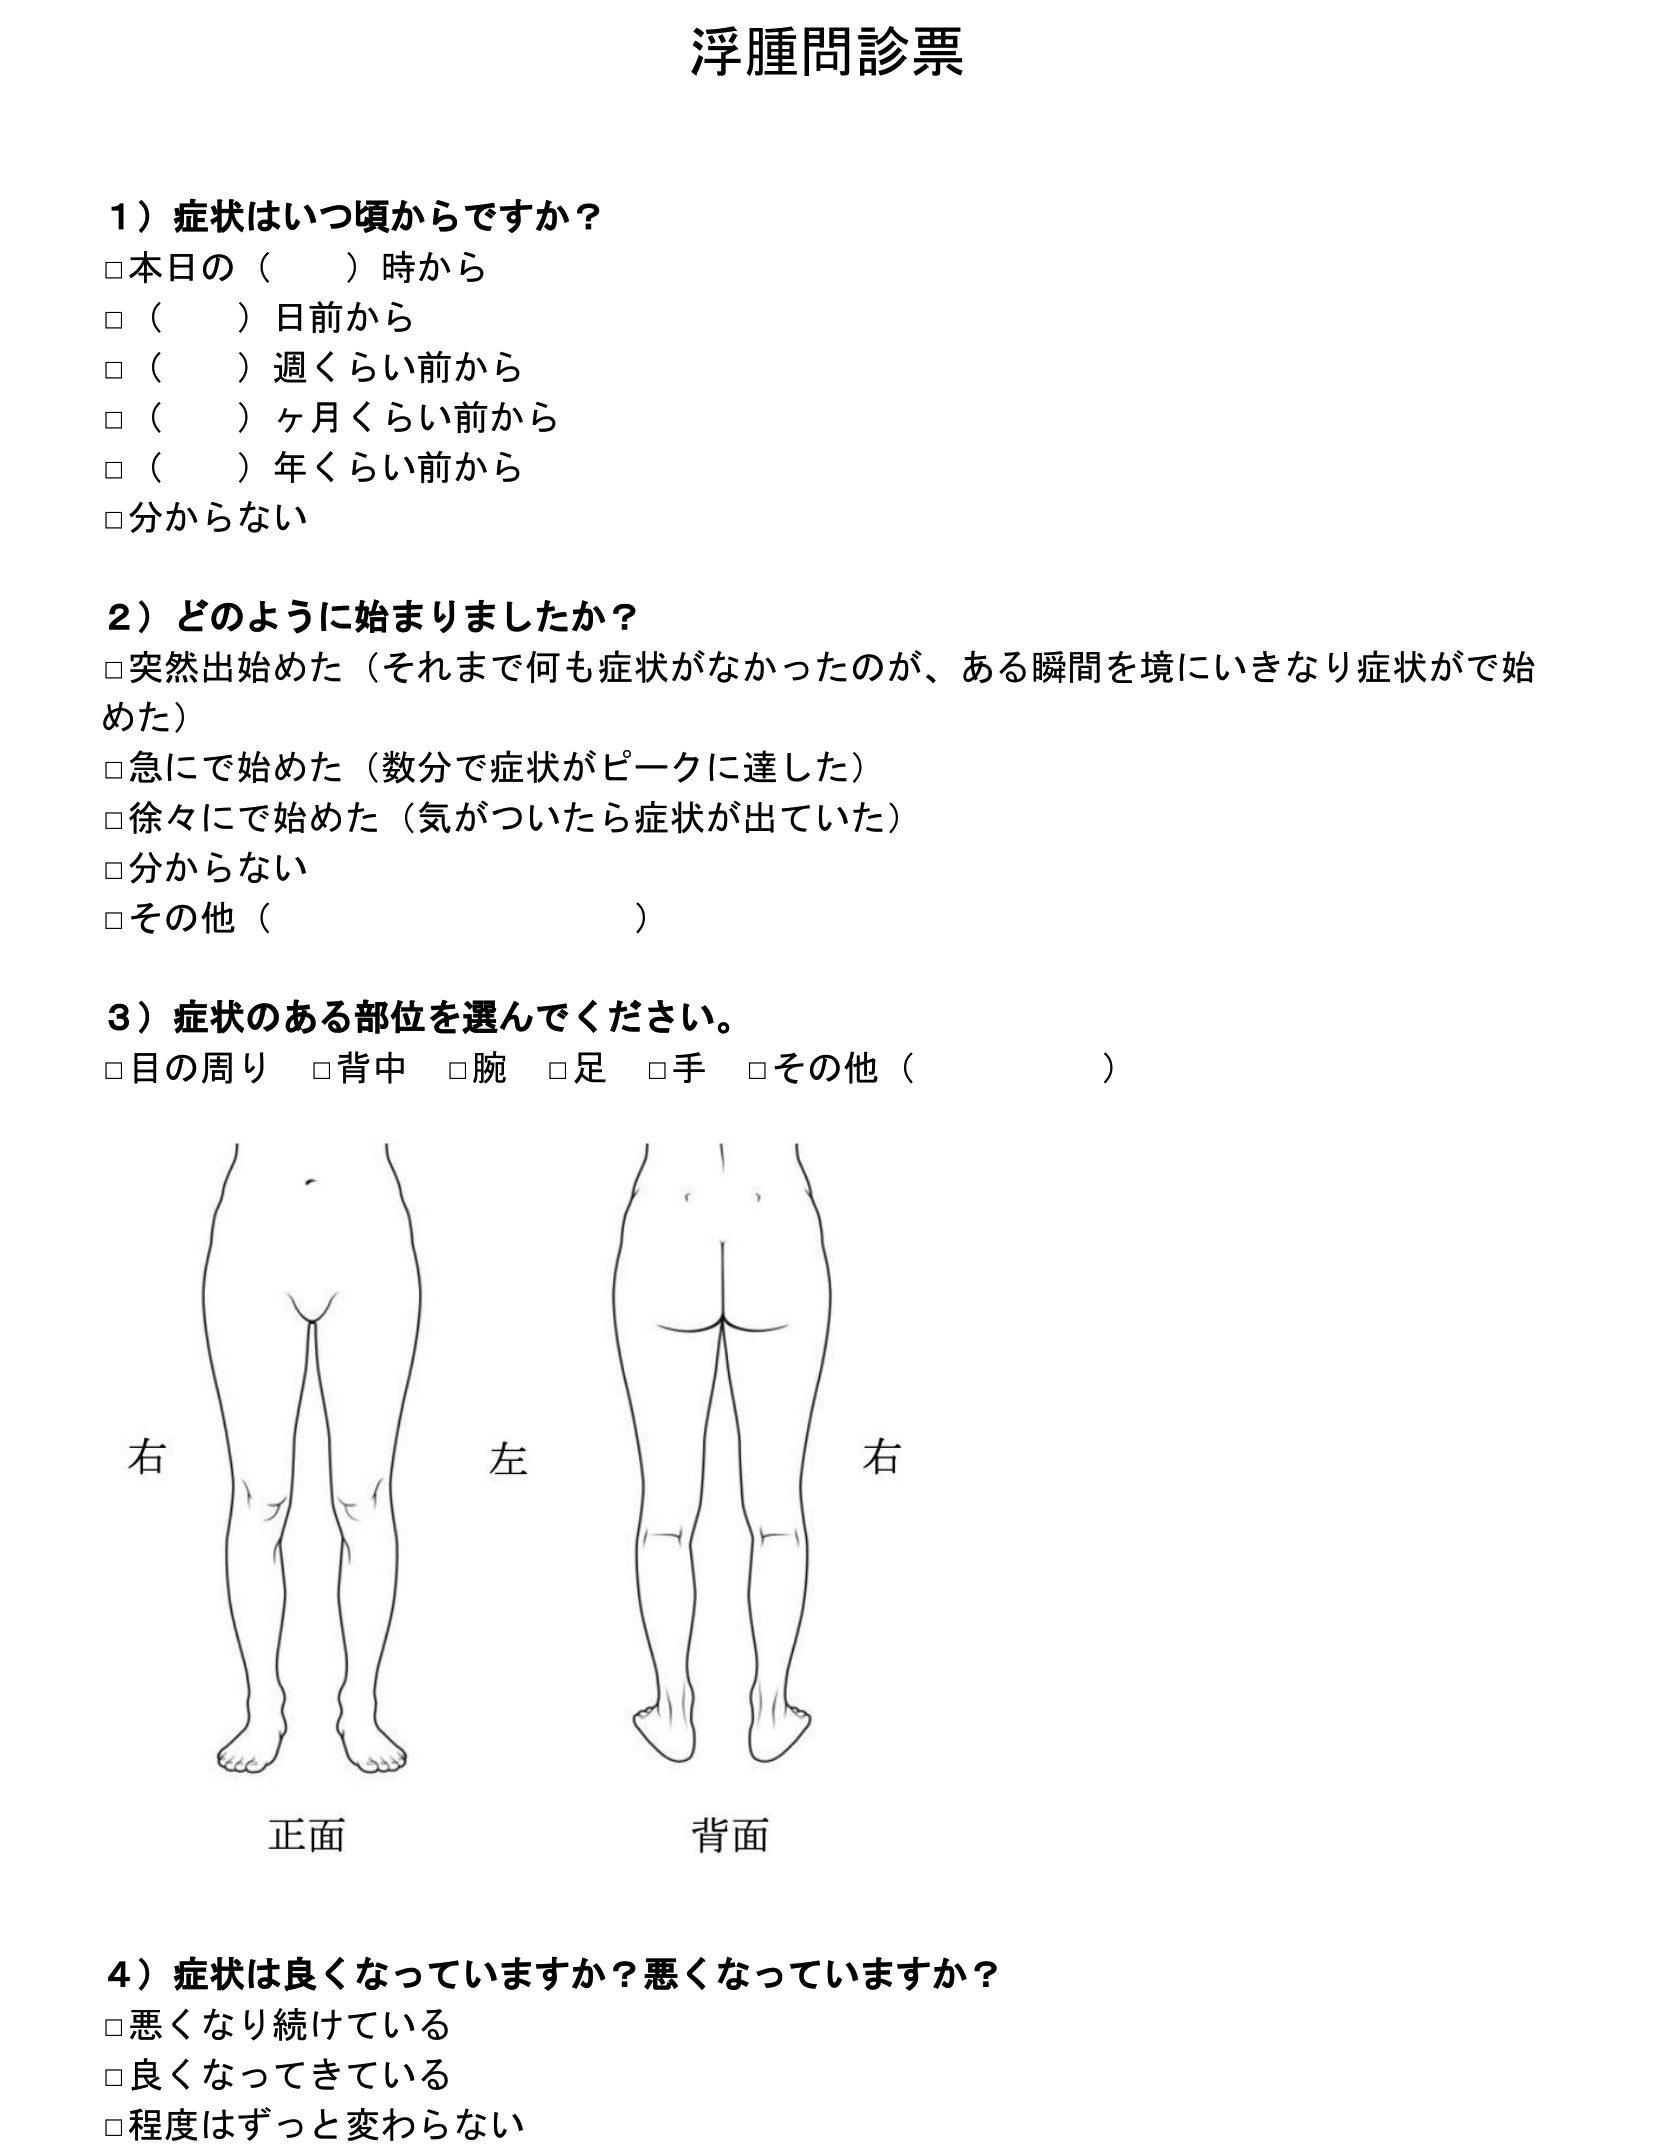 浮腫問診票テンプレート-1